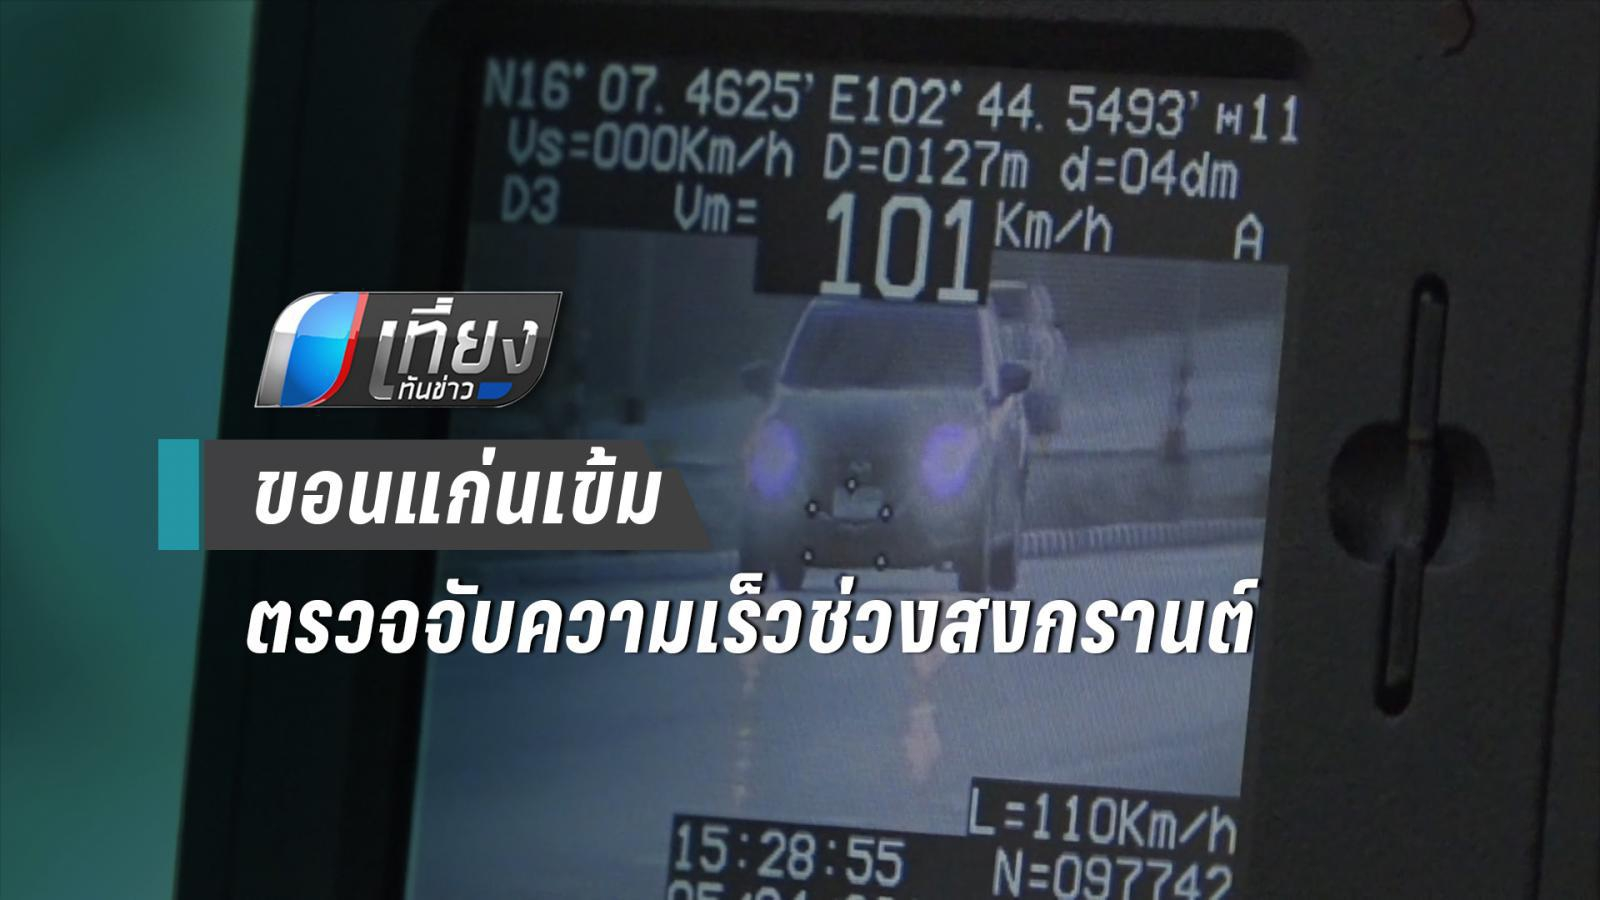 ขอนแก่นเข้มตรวจจับความเร็วรถช่วงเทศกาลสงกรานต์